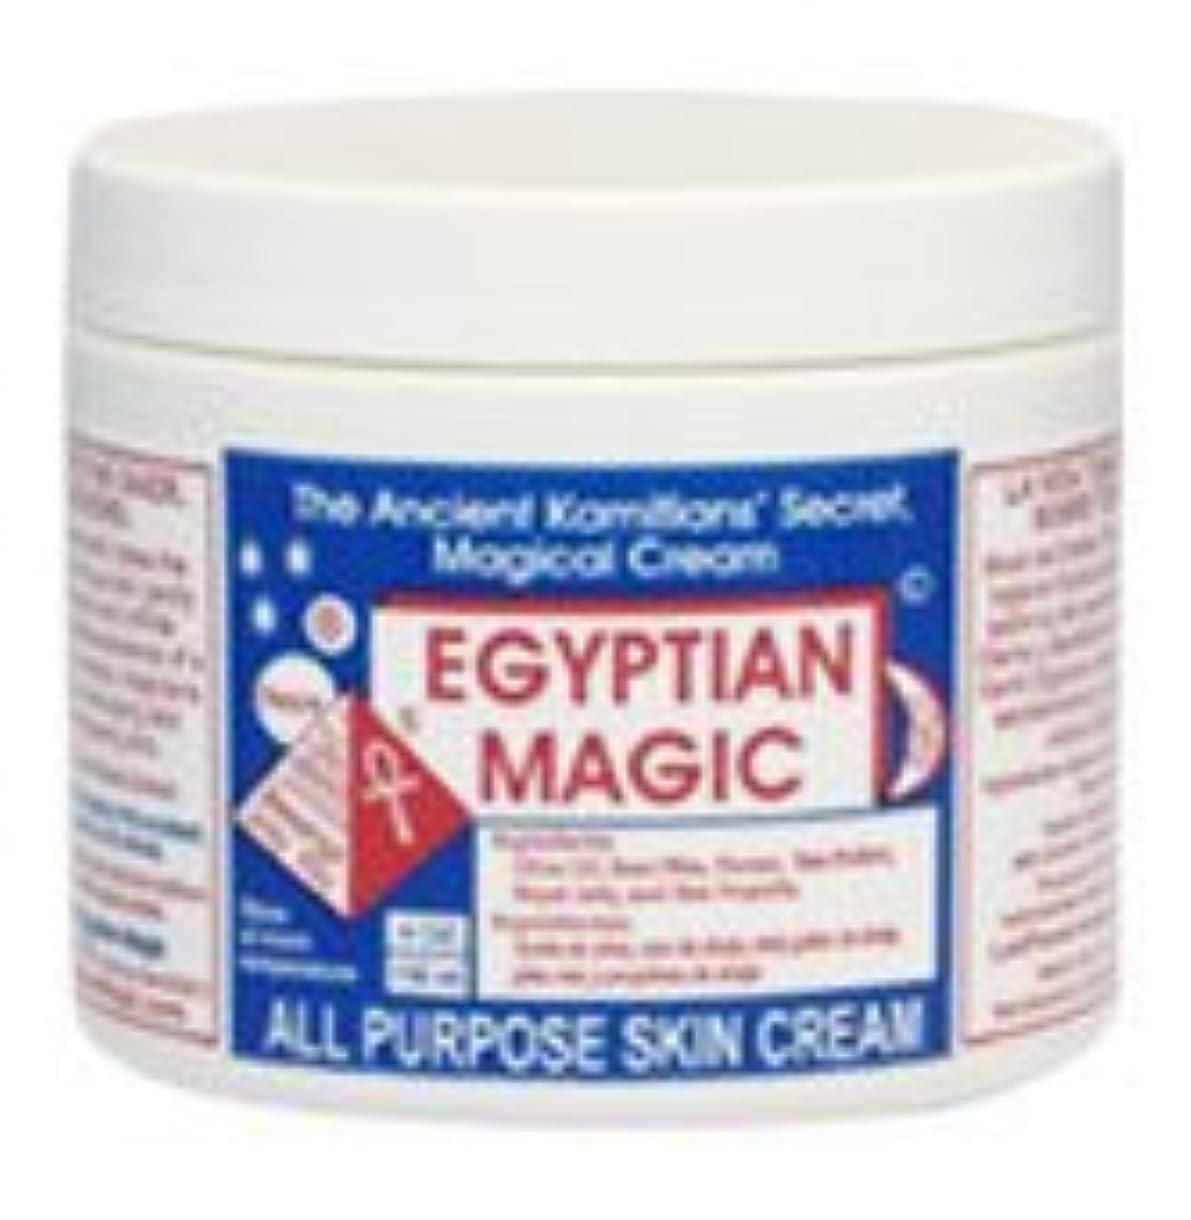 発送考古学資産【EGYPTIAN Magic(エジプシャン マジック)】 EGYPTIAN MAGIC CREAM マジック クリーム 118ml